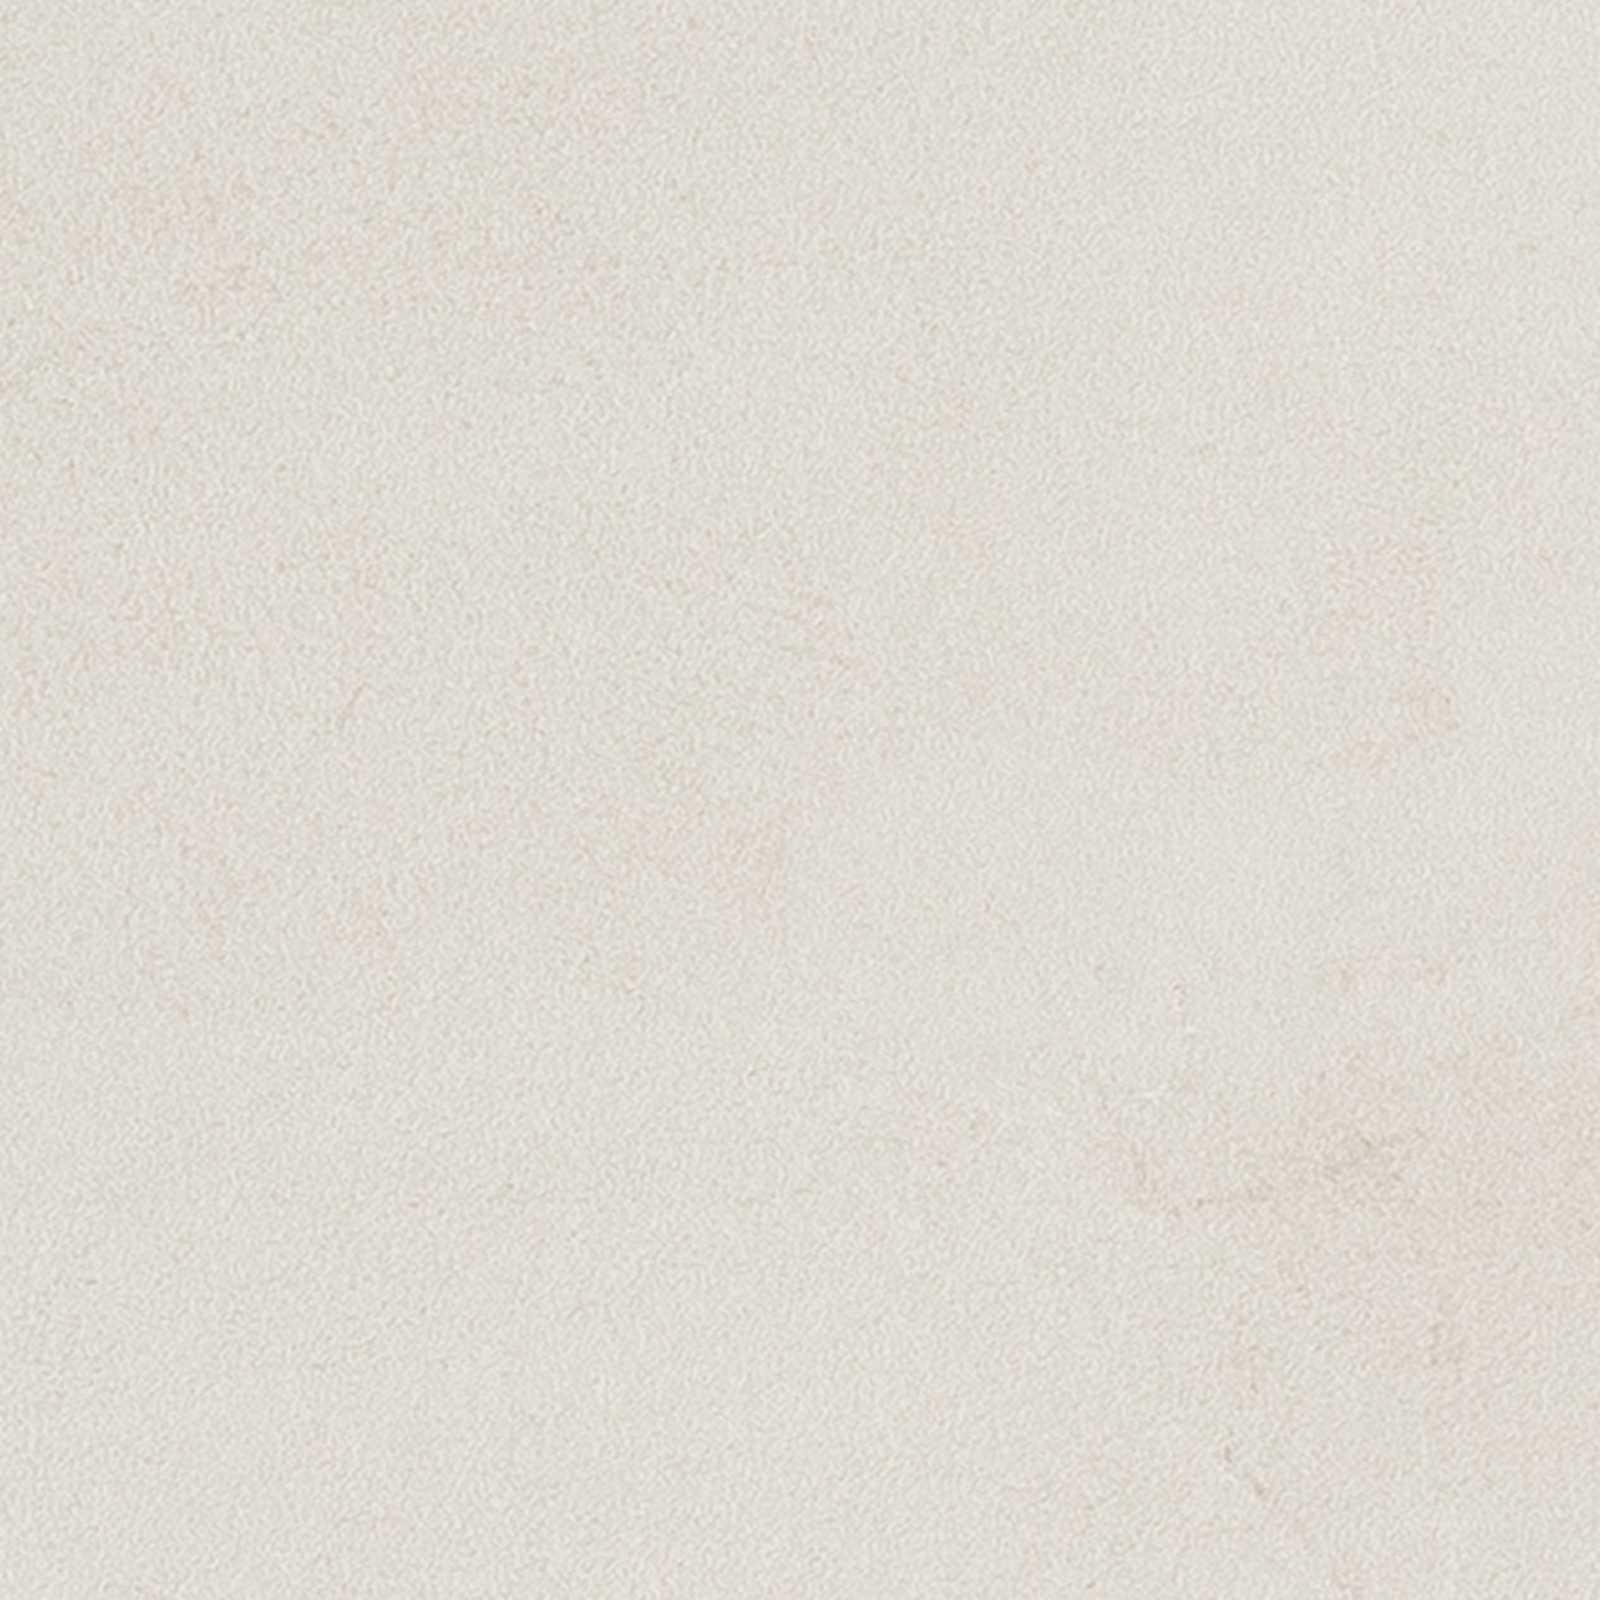 BLOCK LUX  600X600 WHITE - (Euro/Mq 35,55)